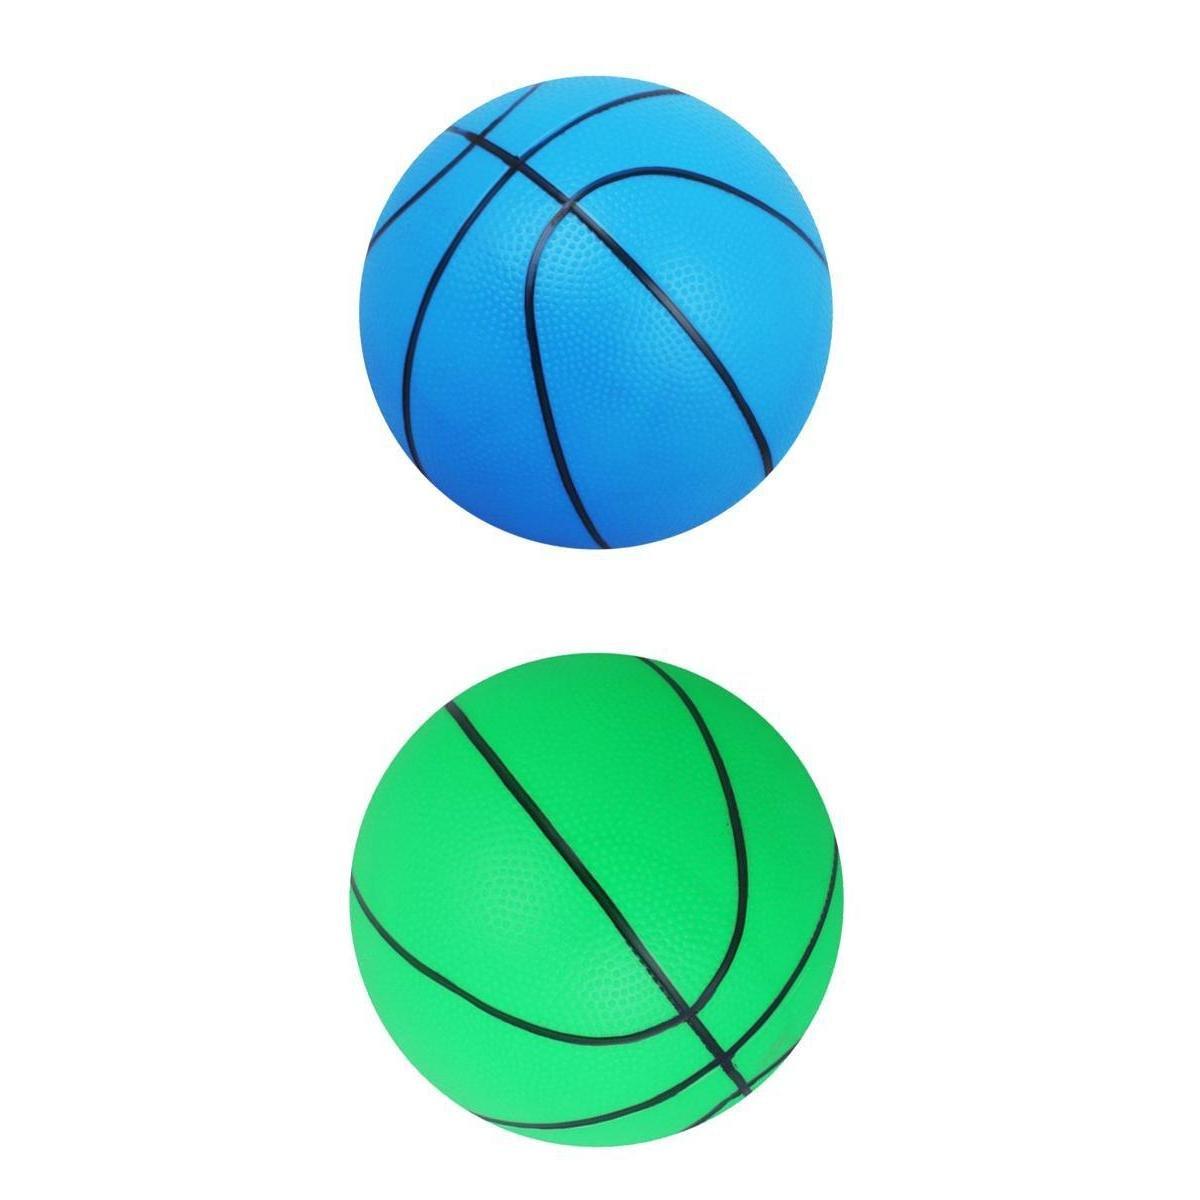 Baoblaze 2pcs Mini Basket Gonflable Jouet D'intérieur/Extérieur Jouet de Boule de Gonflable pour Enfants, 6 pouces